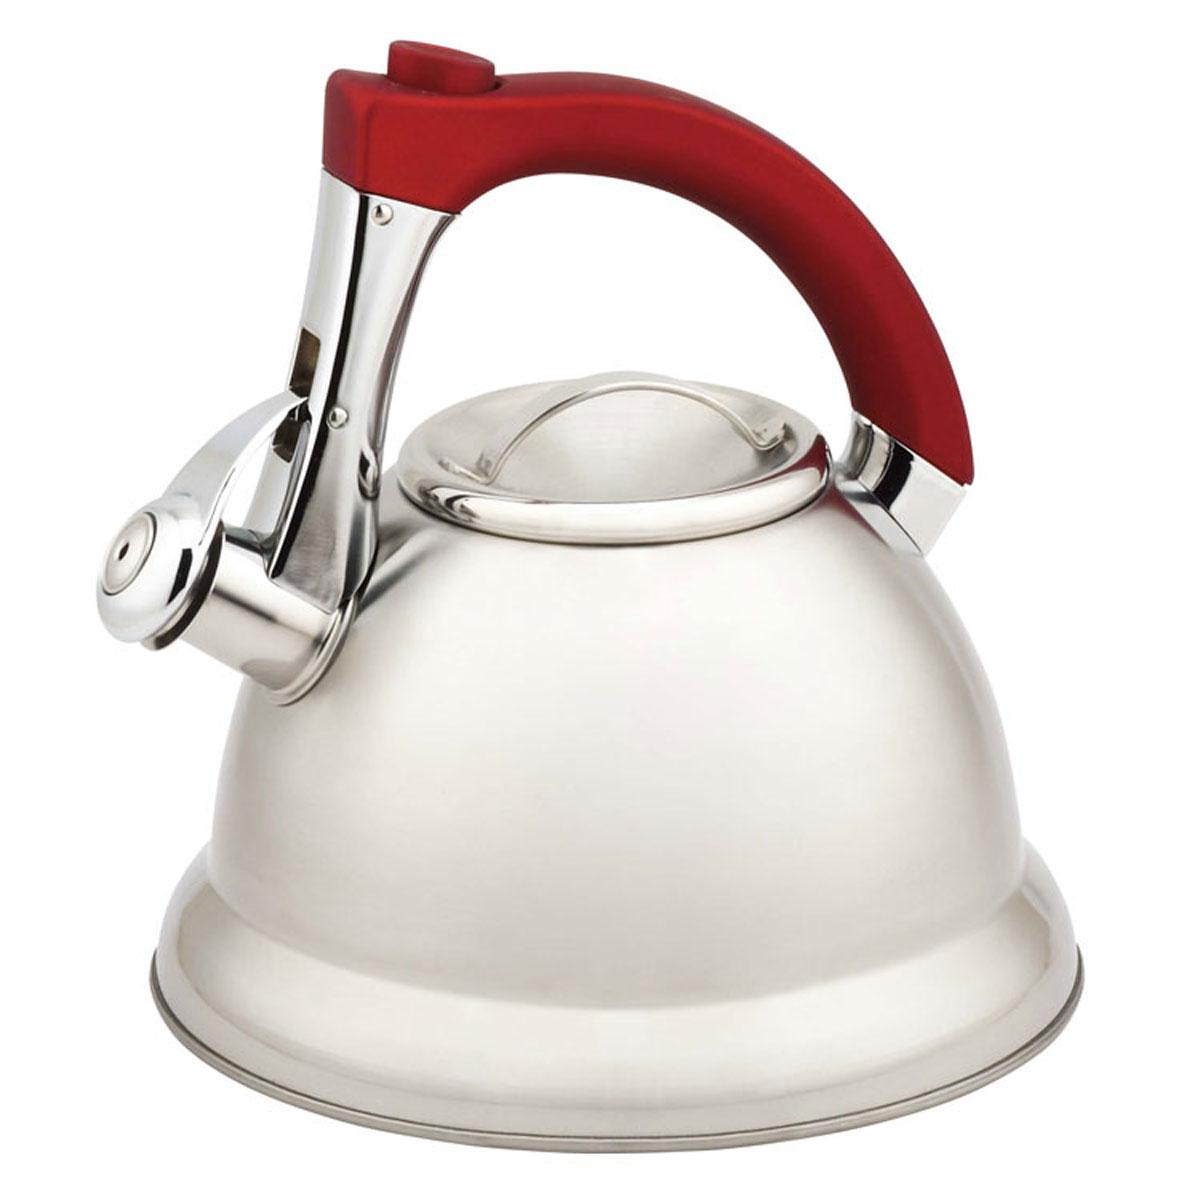 Чайник Mayer & Boch, со свистком, 3,7 л21422Чайник со свистком Mayer & Boch выполнен из долговечной и прочной нержавеющей стали, которая не окисляется и устойчива к коррозии. Изделие оснащено свистком, благодаря которому вы можете не беспокоиться о том, что закипевшая вода зальет плиту. Как только вода закипит - свисток оповестит Вас об этом. Капсулированное дно с прослойкой из алюминия обеспечивает наилучшее распределение тепла. Ручка чайника изготовлена из специального теплоустойчивого материала - бакелита, который не обжигает руки. Удобный и практичный чайник отлично впишется в интерьер любой кухни.Чайник подходит для использования на всех типах плит, включая индукционные. Можно мыть в посудомоечной машине.Высота стенок чайника: 13,5 см.Общая высота чайника: 24 см.Диаметр дна чайника: 22 см.Объем чайника: 3,7 л.